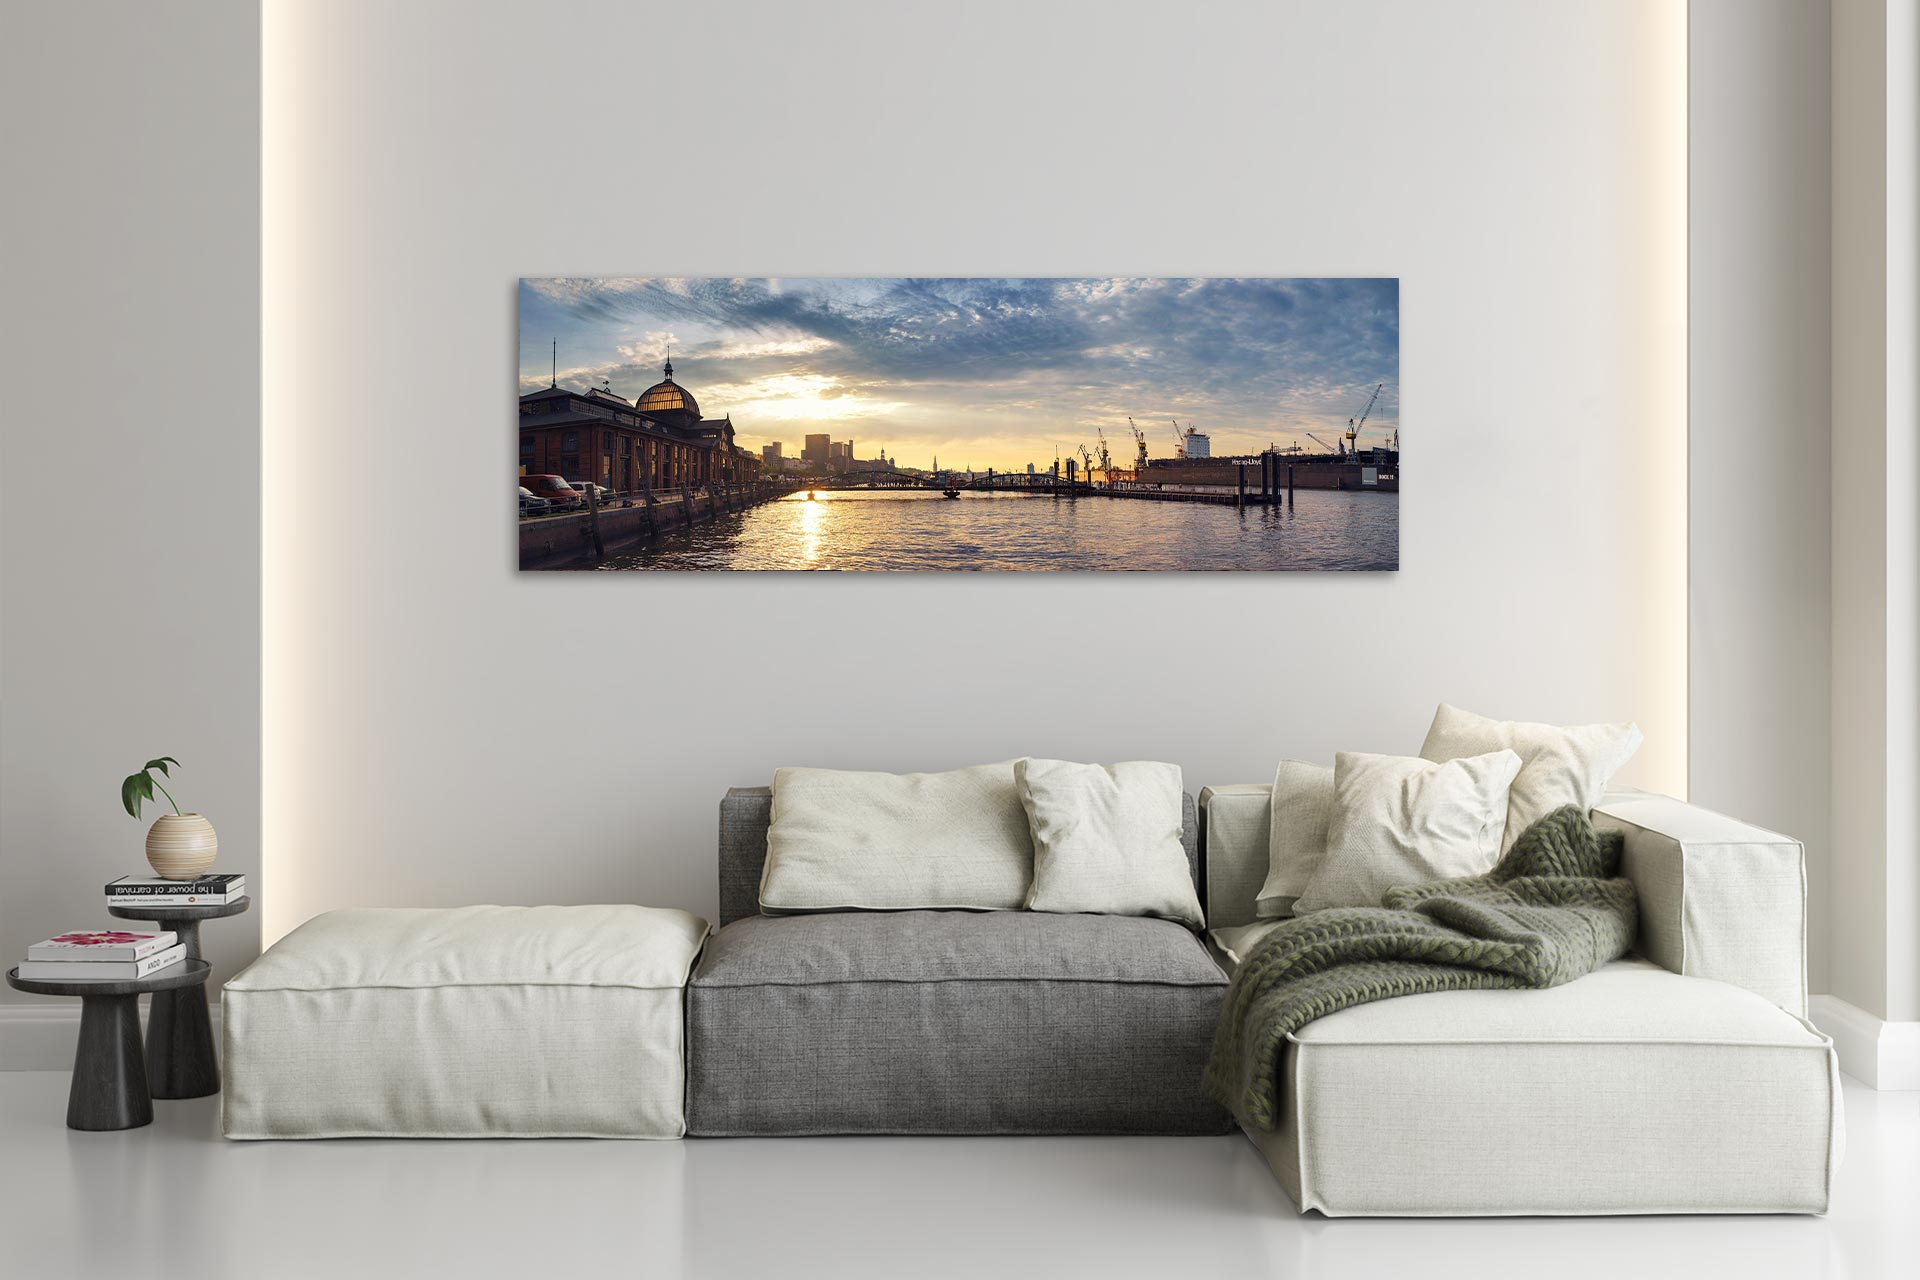 TG065-fischmarkt-hamburg-wandbild-auf-leinwand-acrylglas-aludibond-wohnzimmer